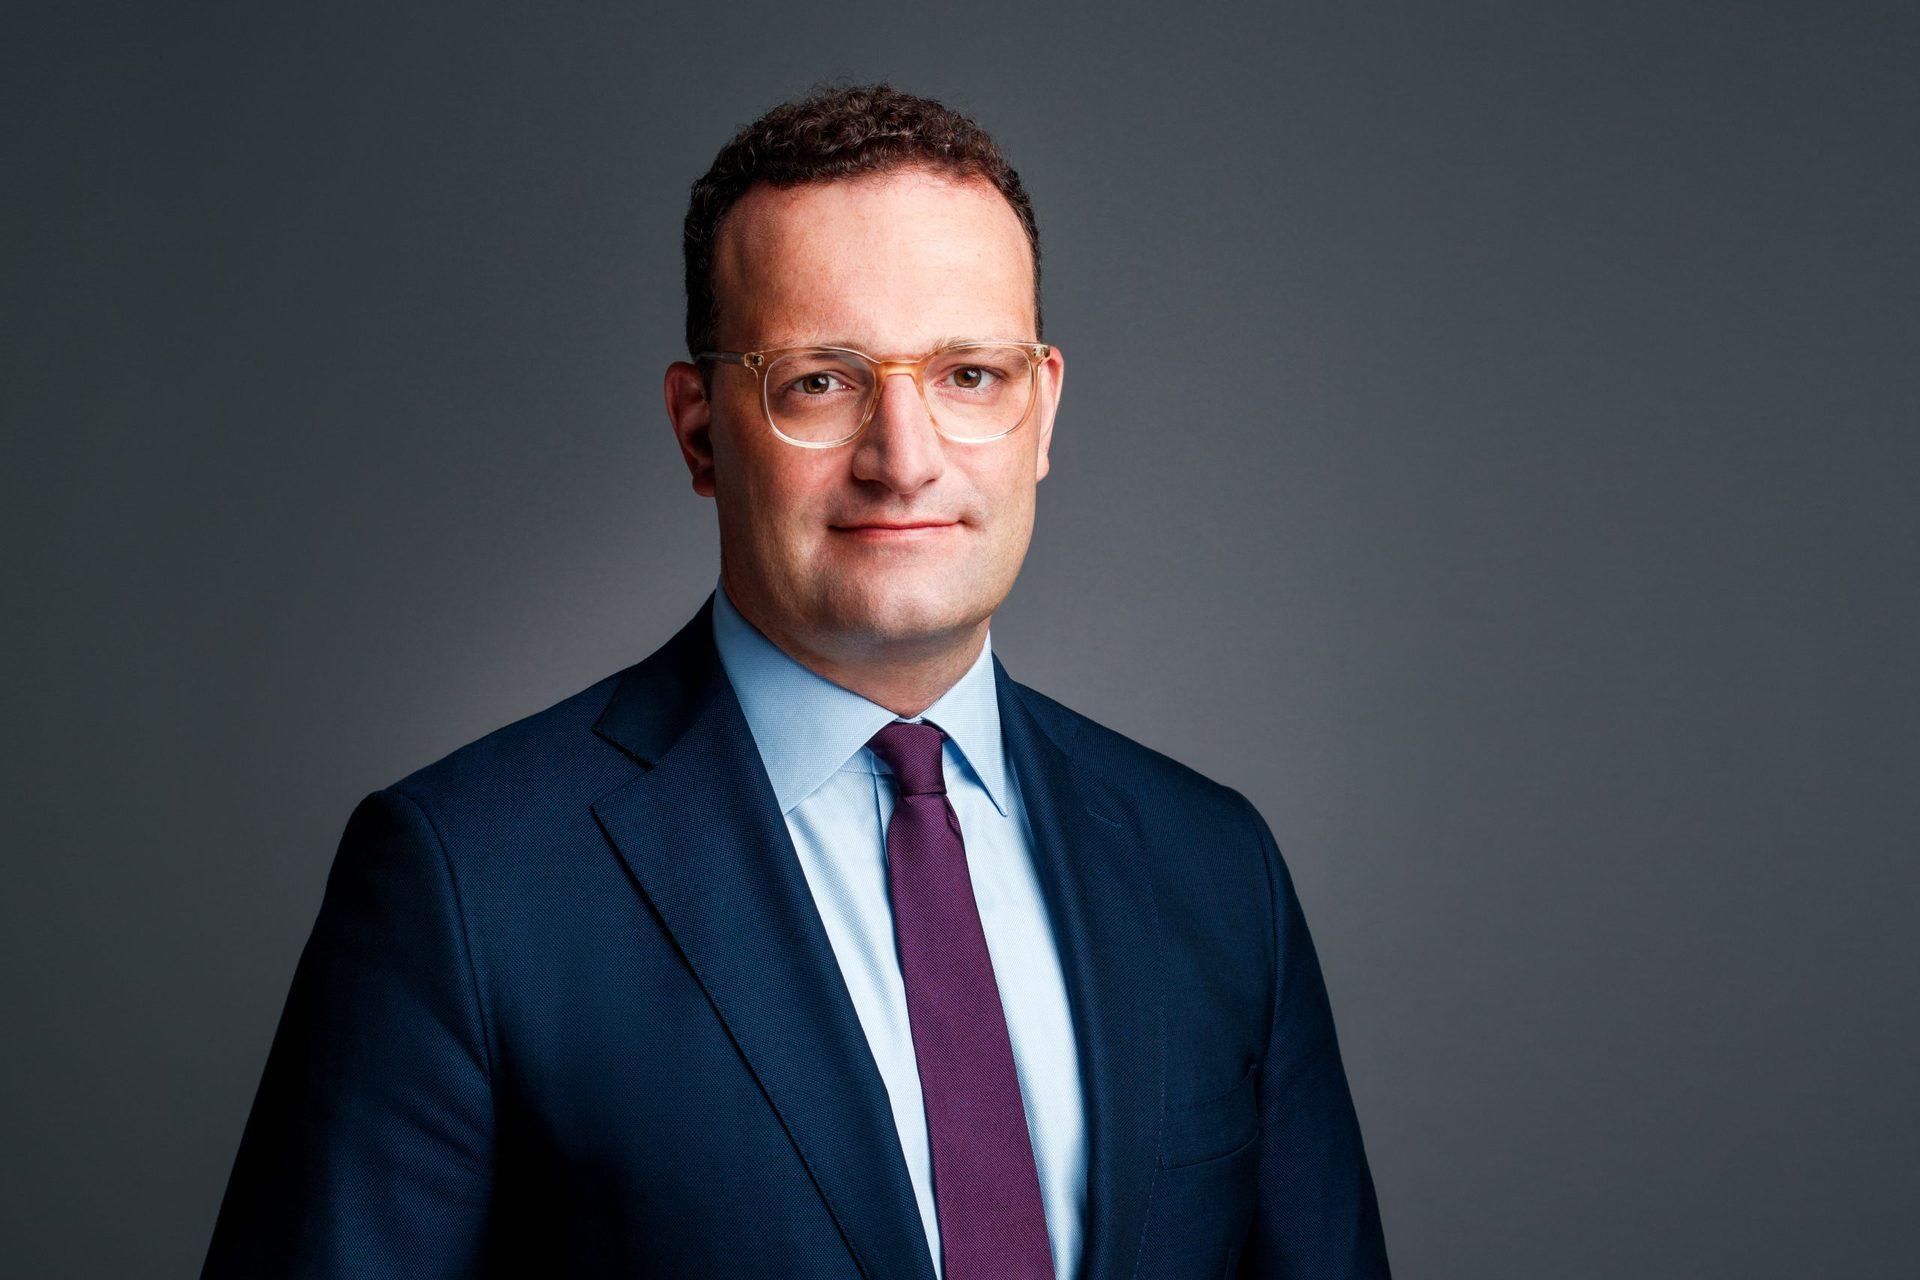 Jens Spahn stellt sich Ihren Corona-Fragen Bundesgesundheitsminister, RKI-Chef Wieler und weitere Experten über Schutzimpfungen